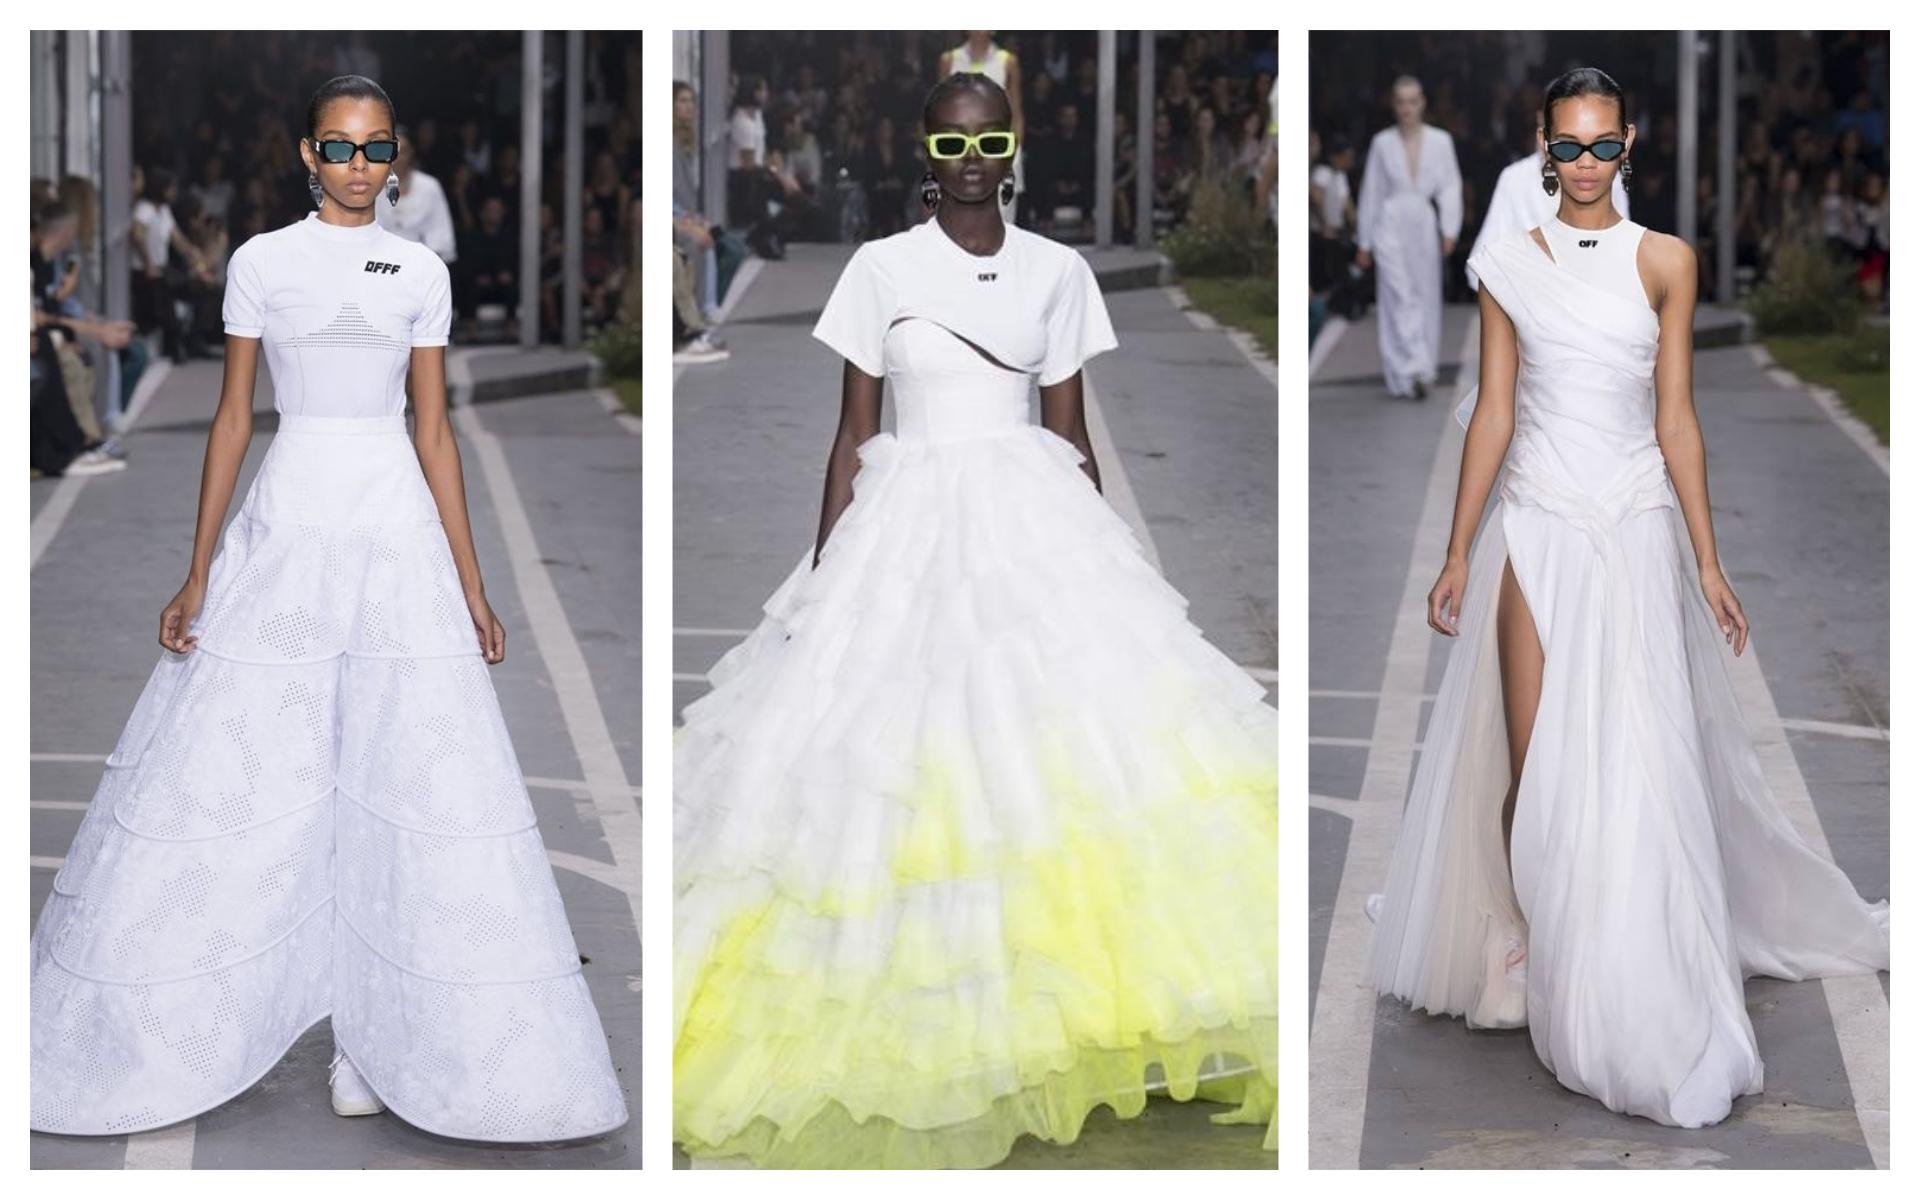 De la cancha al altar, así son los vestidos de novia de Virgil Abloh para Off-White